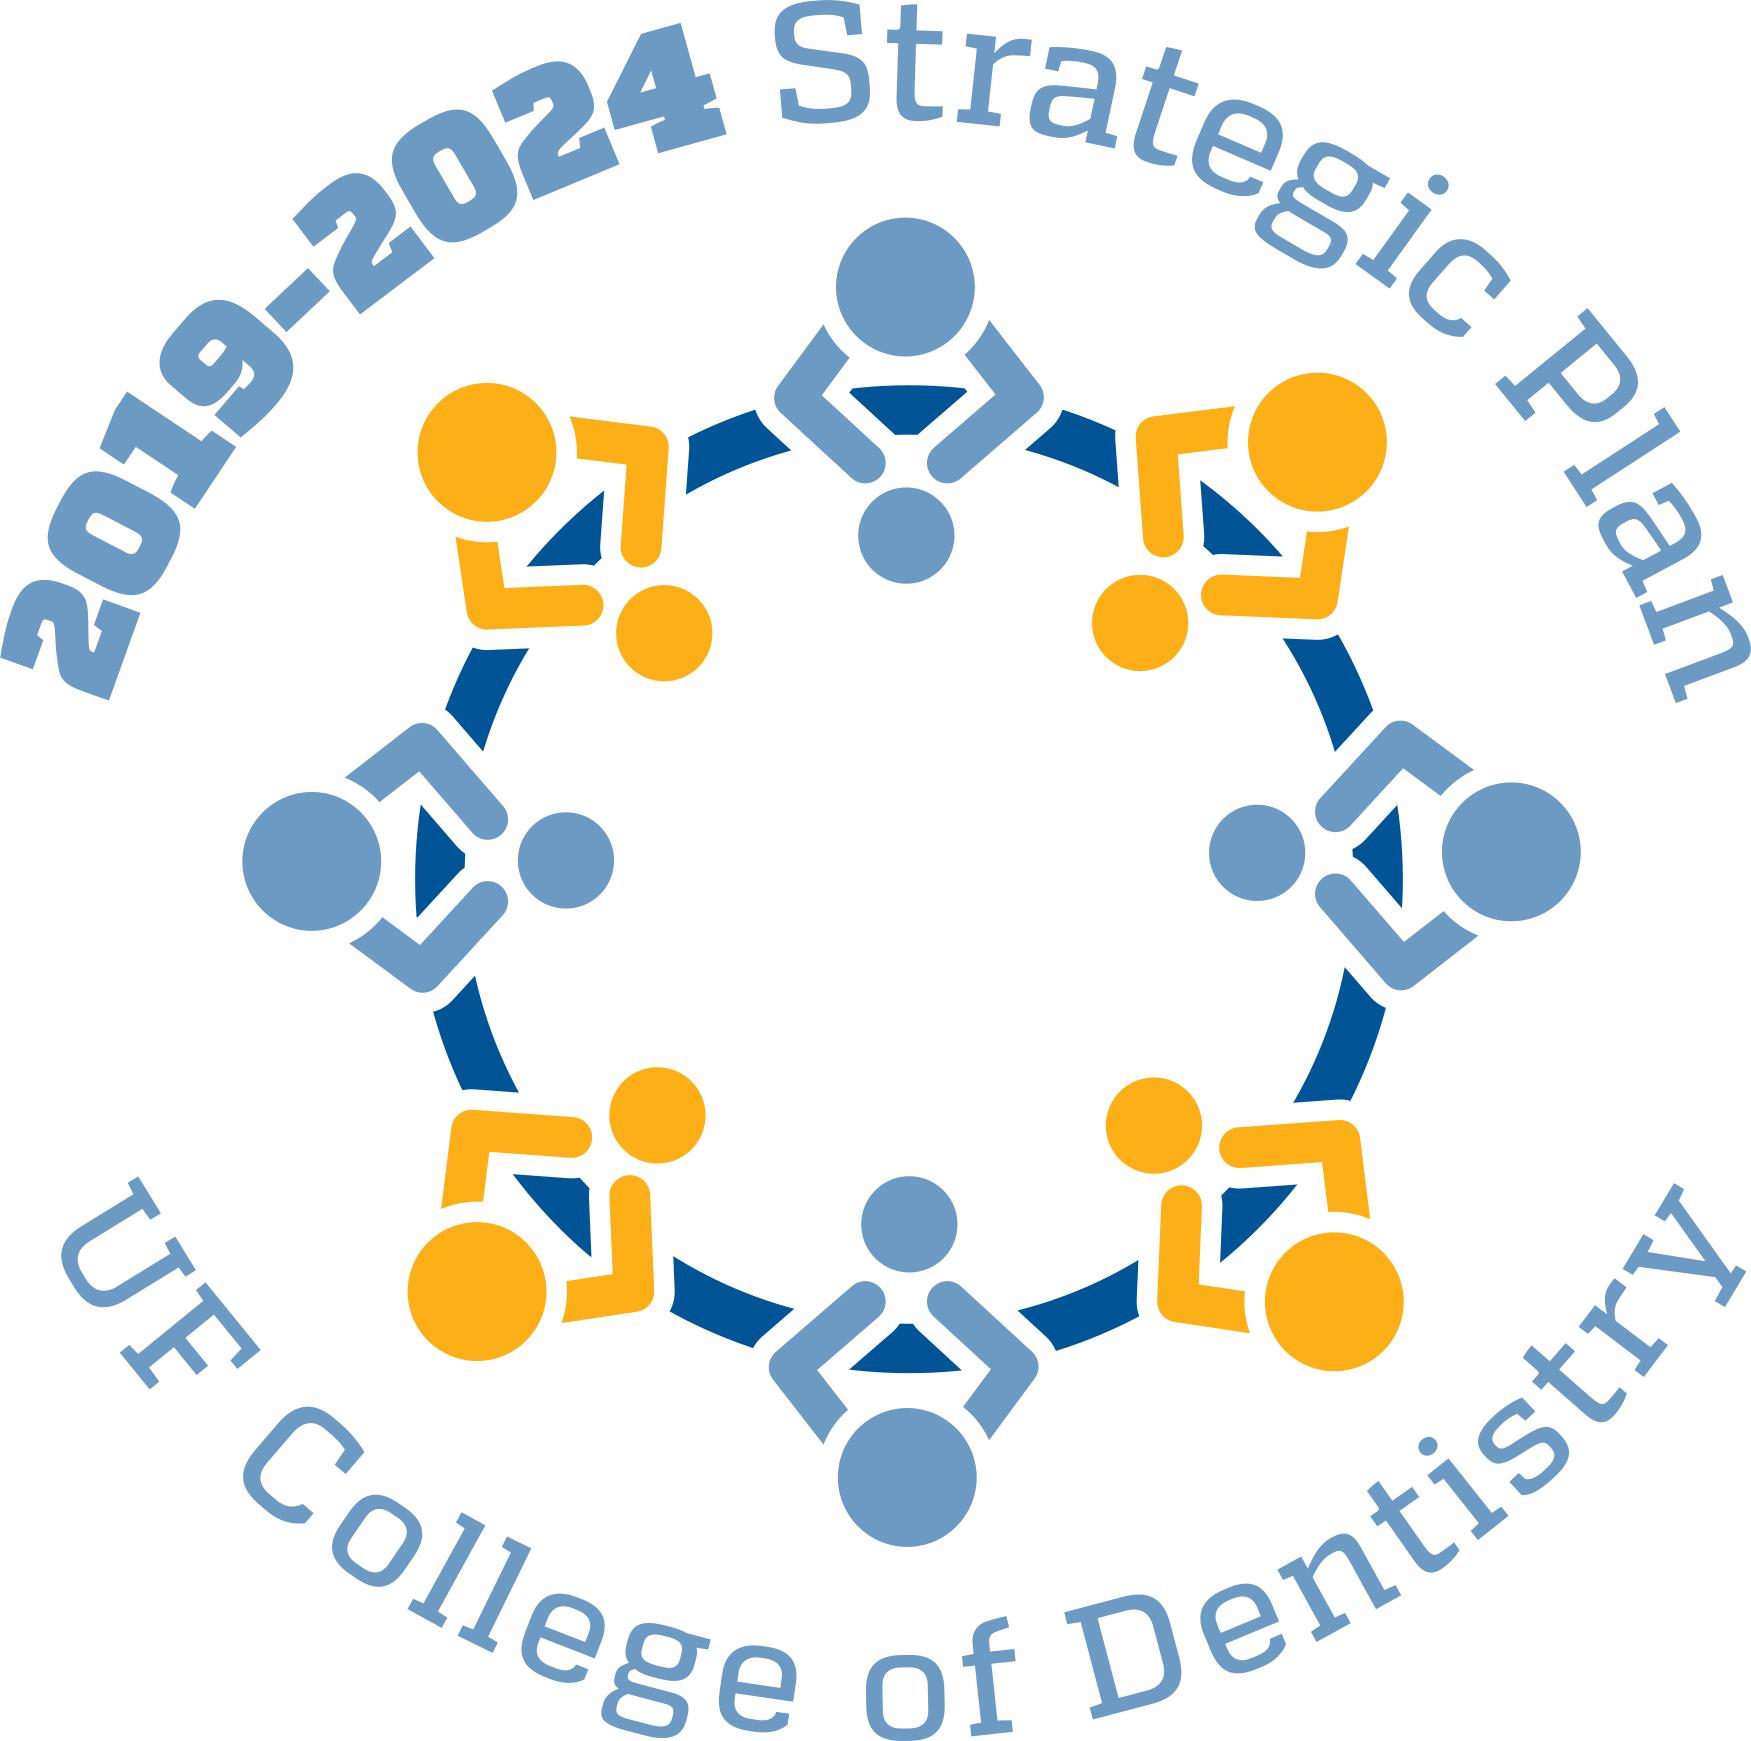 2019 24 strategic planning launches college of dentistry - Fiu interior design prerequisites ...